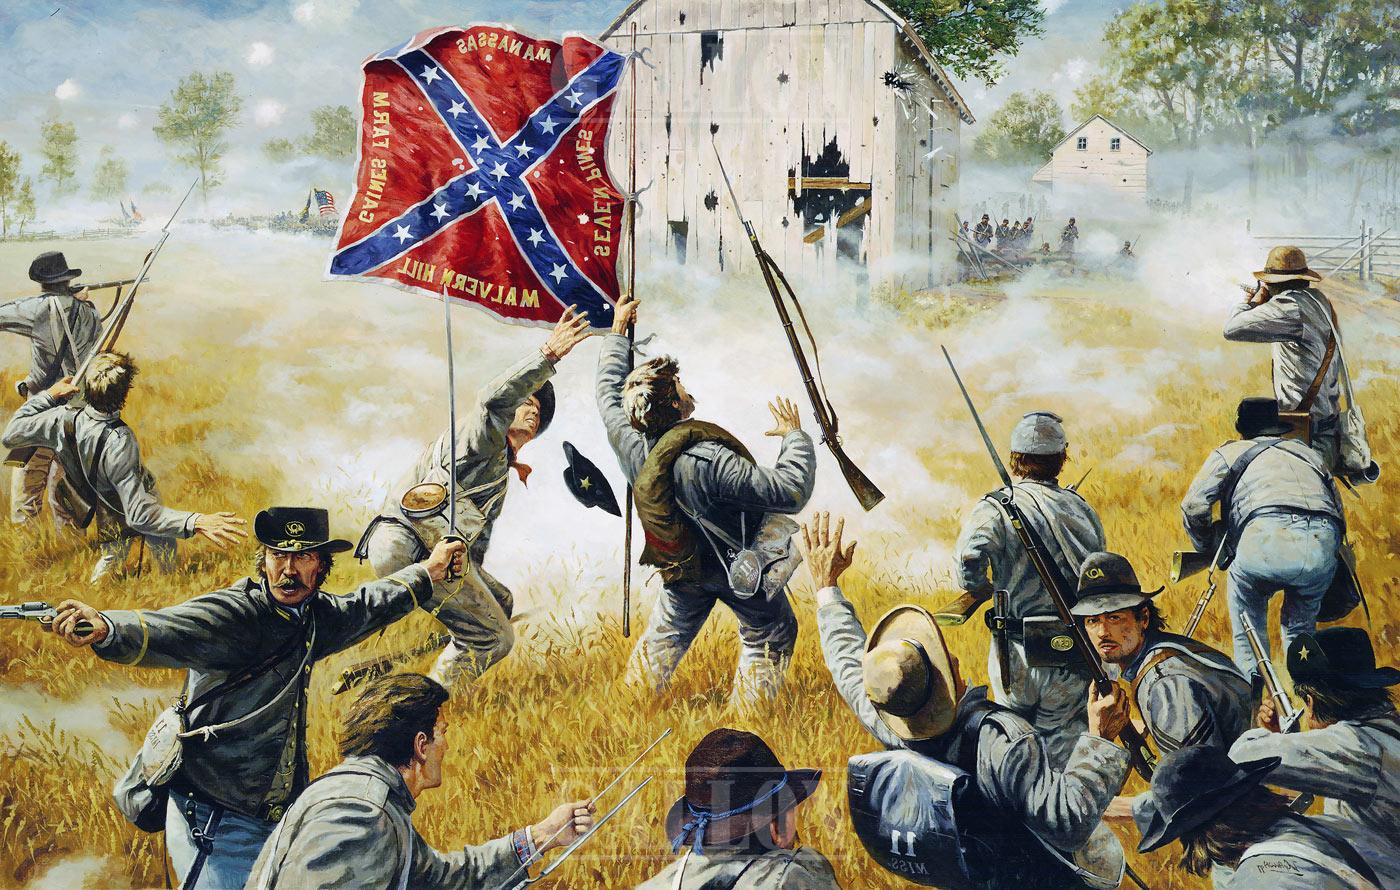 мне, конфедераты юга фото этой технике, применяя